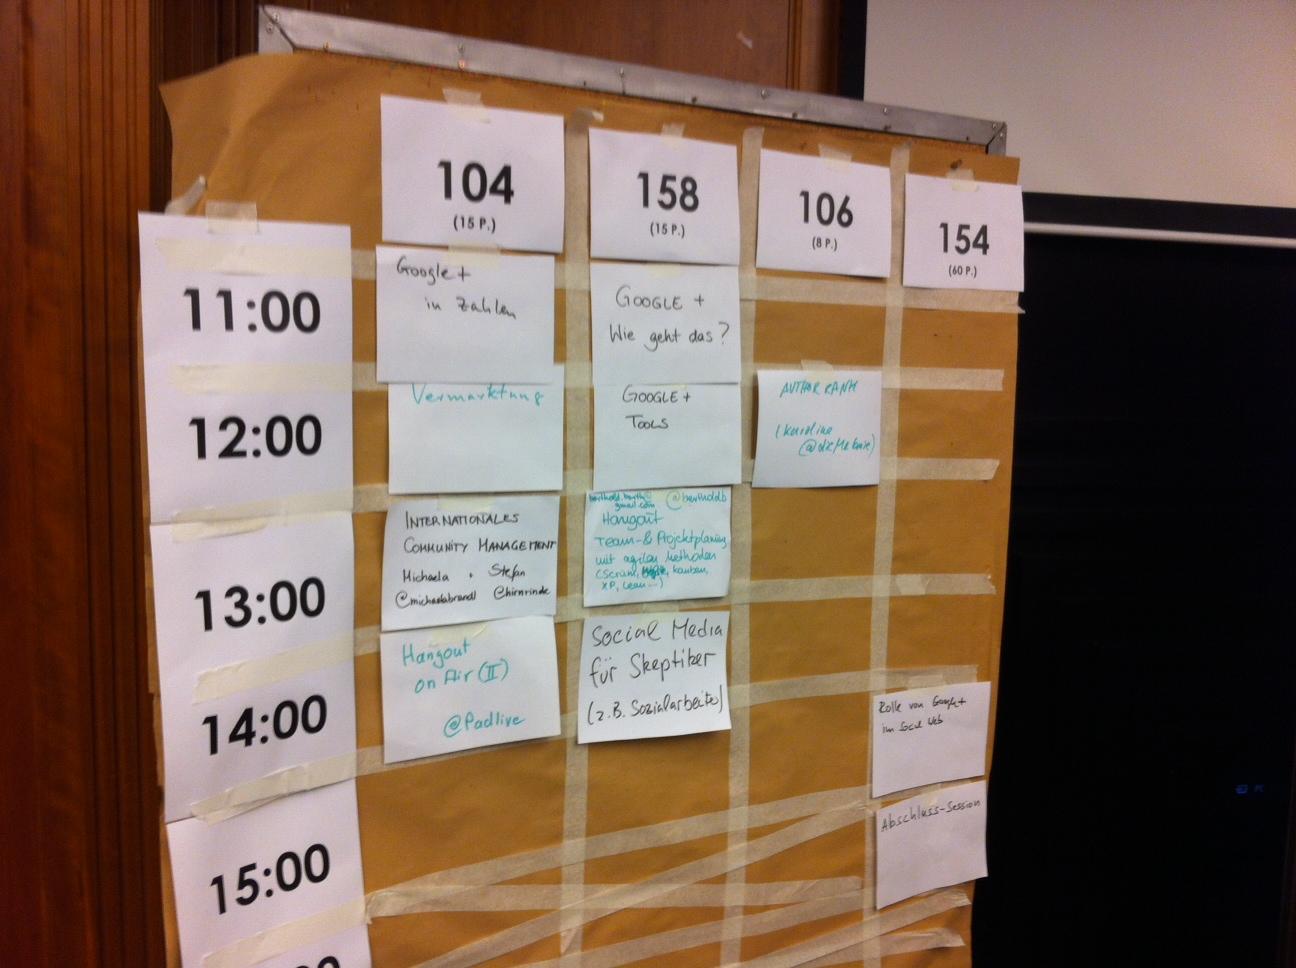 Sessionplanung beim Gpluscamp in Essen